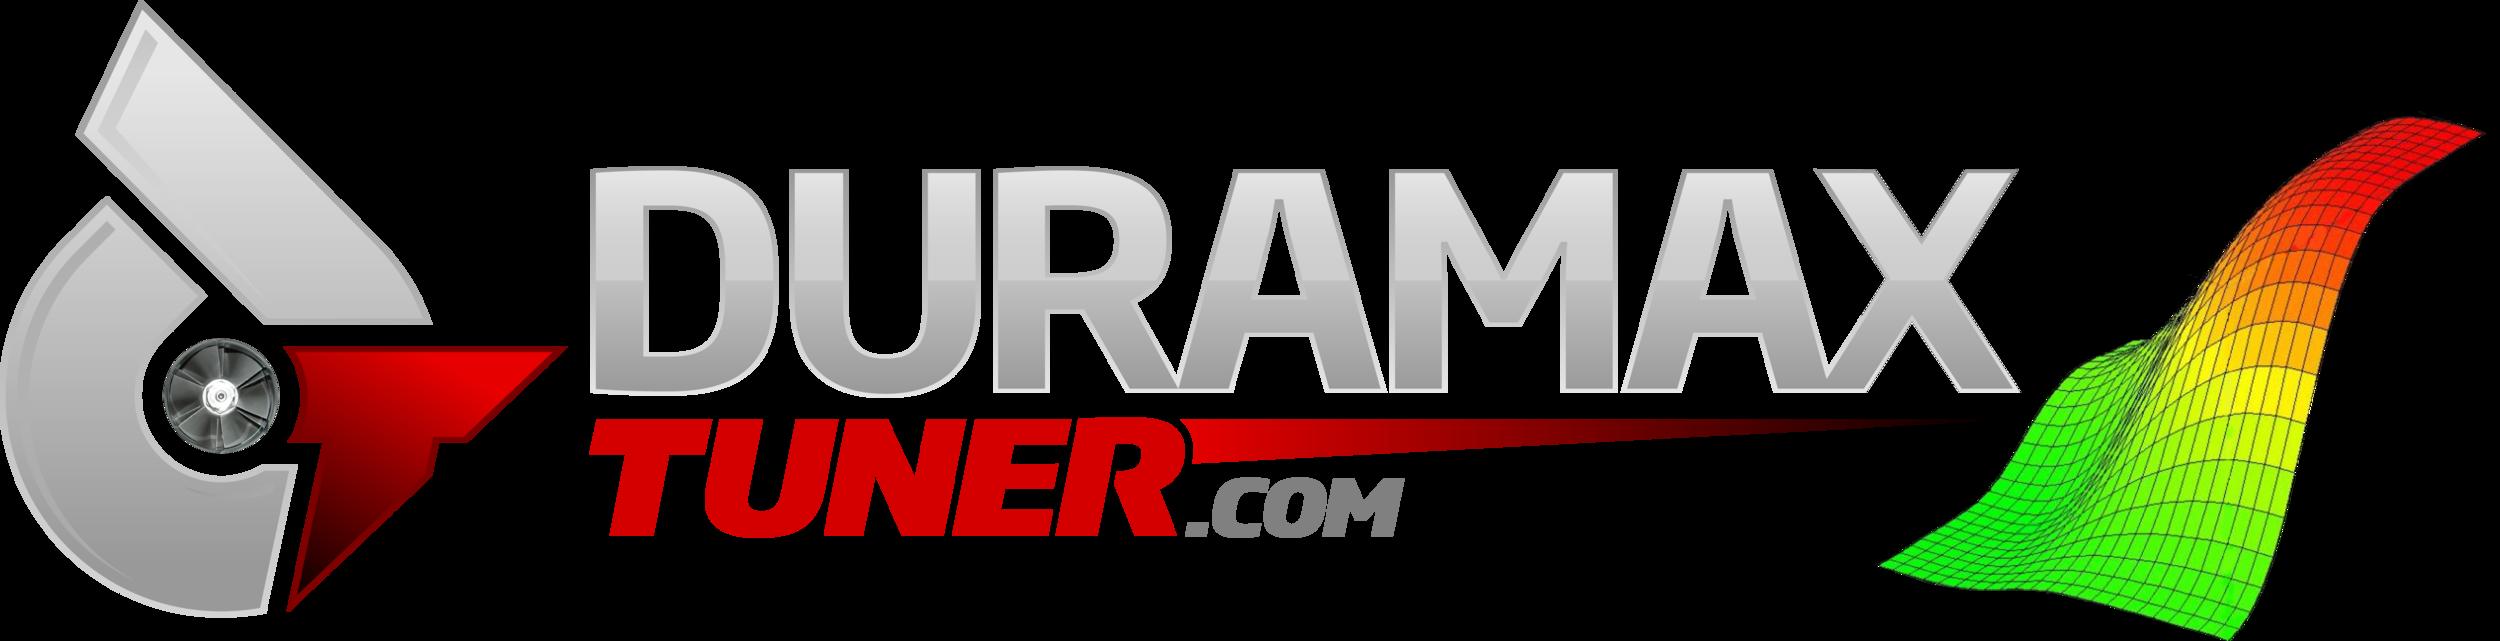 dt-logo-24-72-white_full copy 2.png